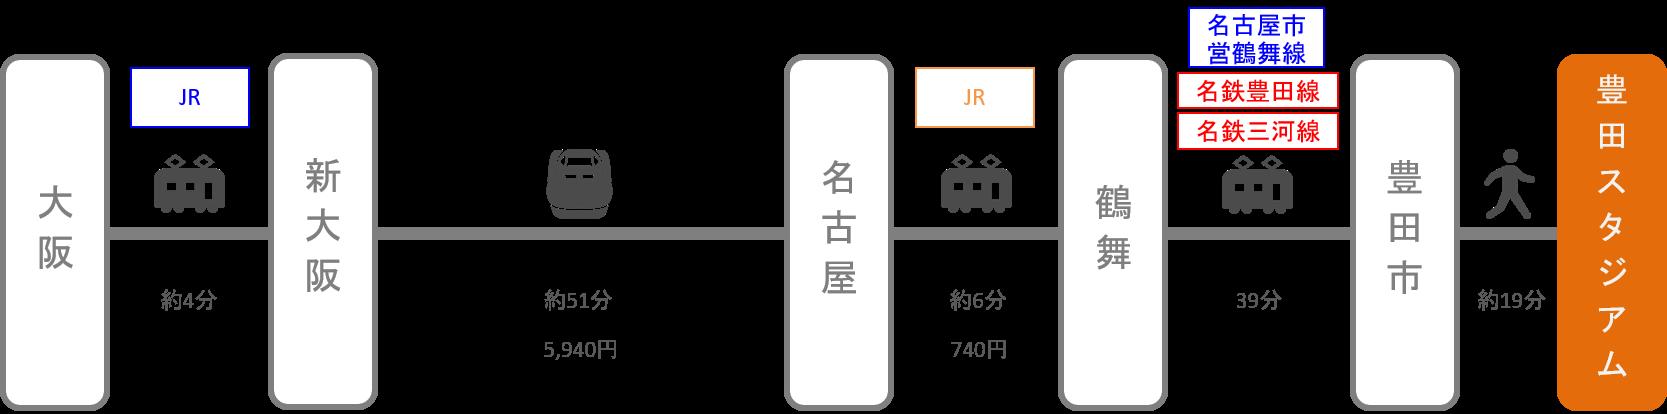 豊田スタジアム_大阪_新幹線